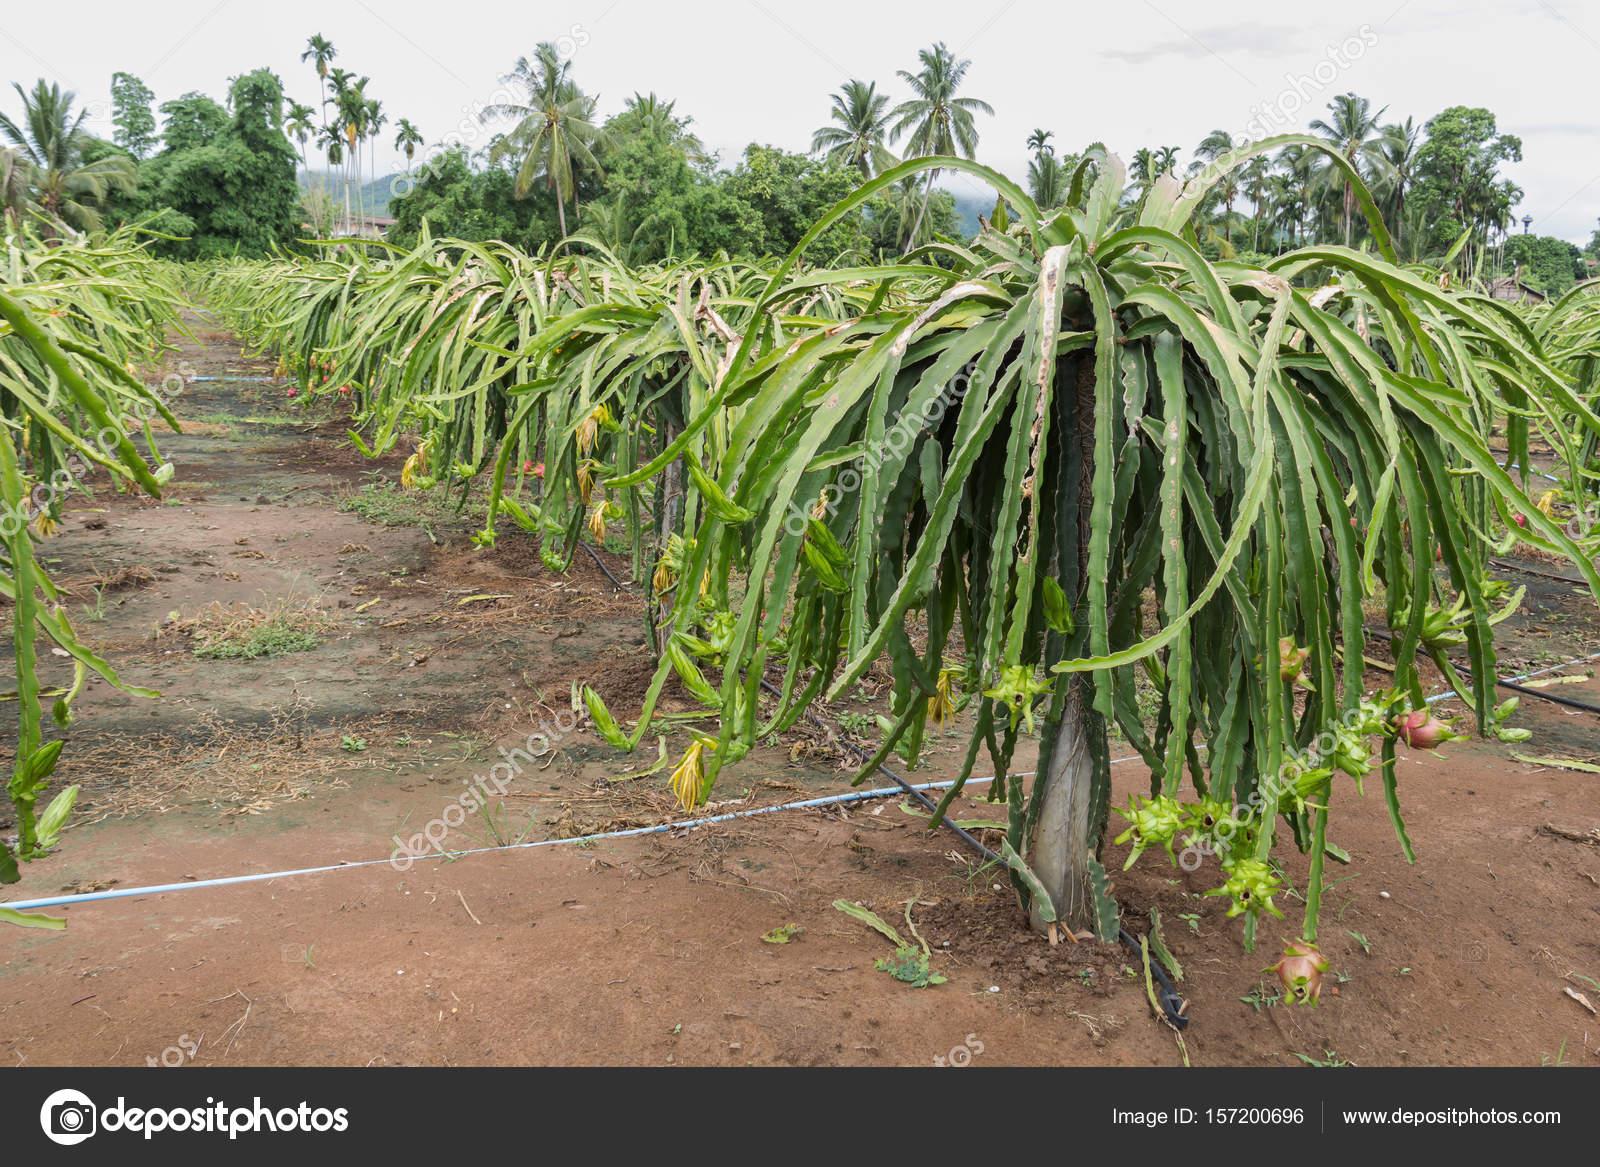 Fruit du dragon pitaya sur arbre photographie witoon214 157200696 - Arbre fruit du dragon ...